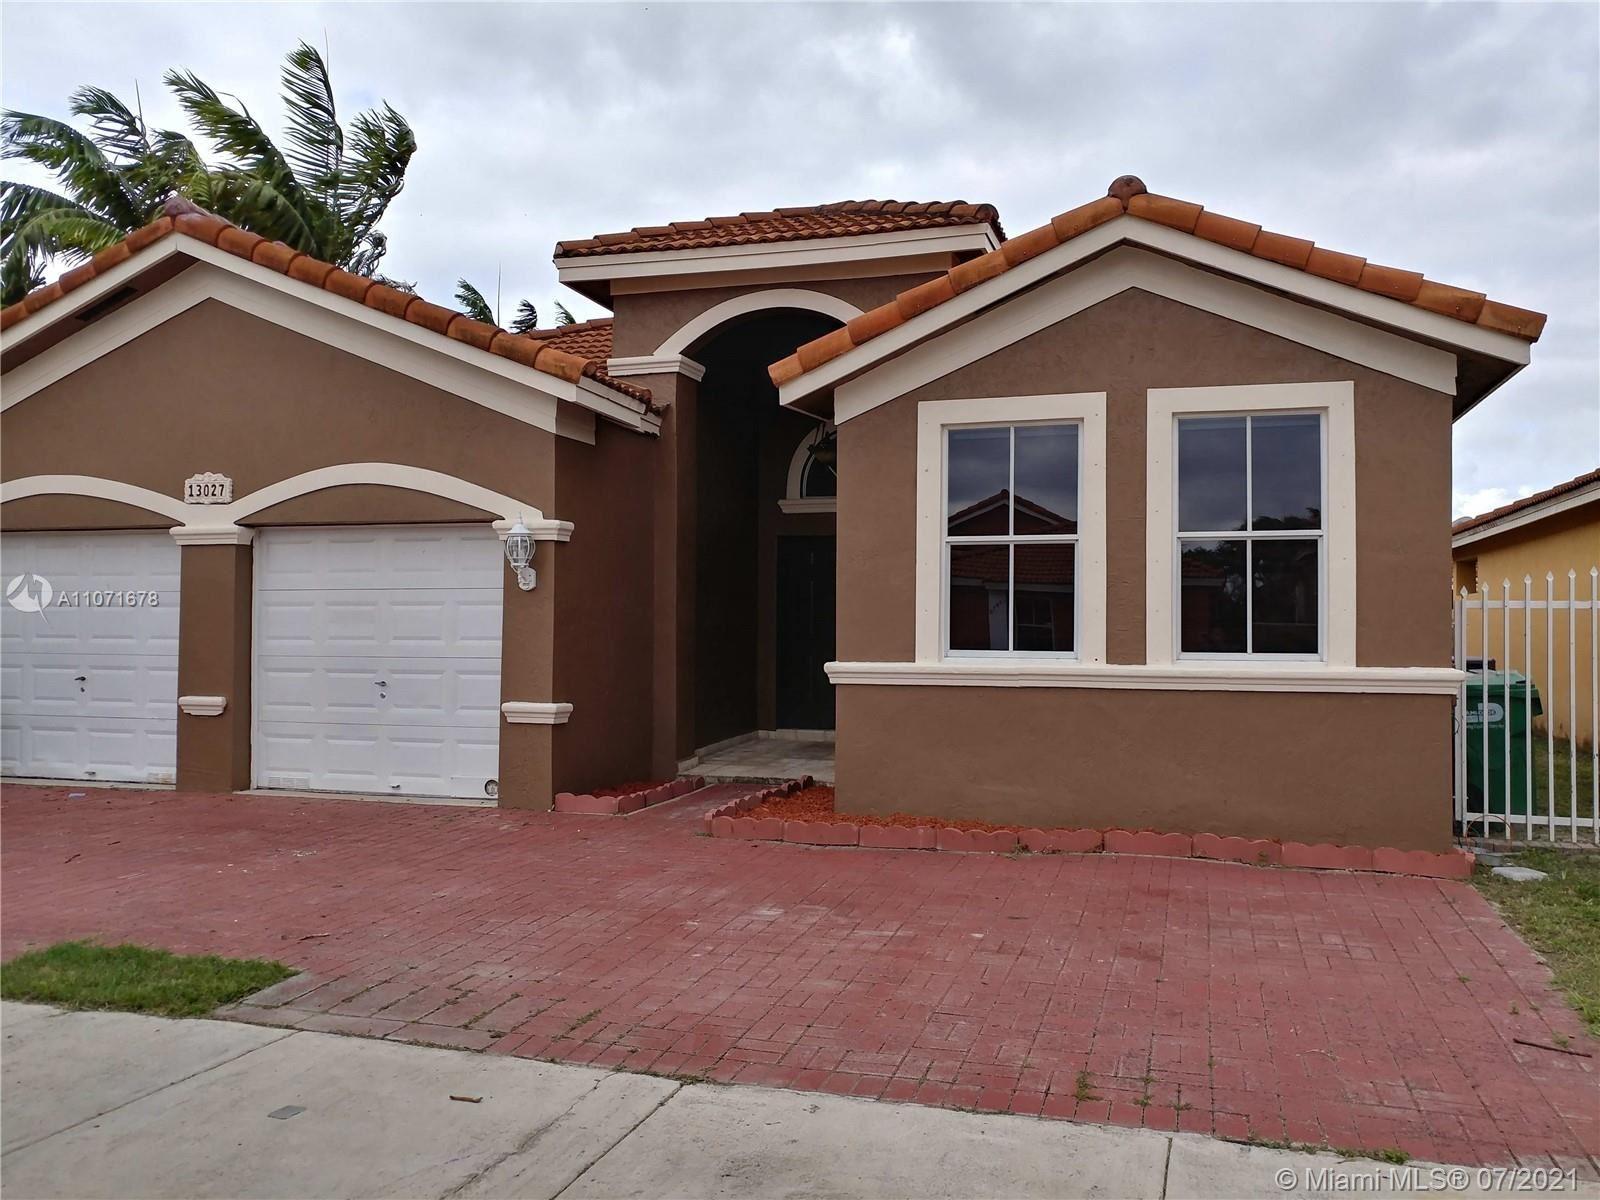 13027 NW 9th St, Miami, FL 33182 - #: A11071678